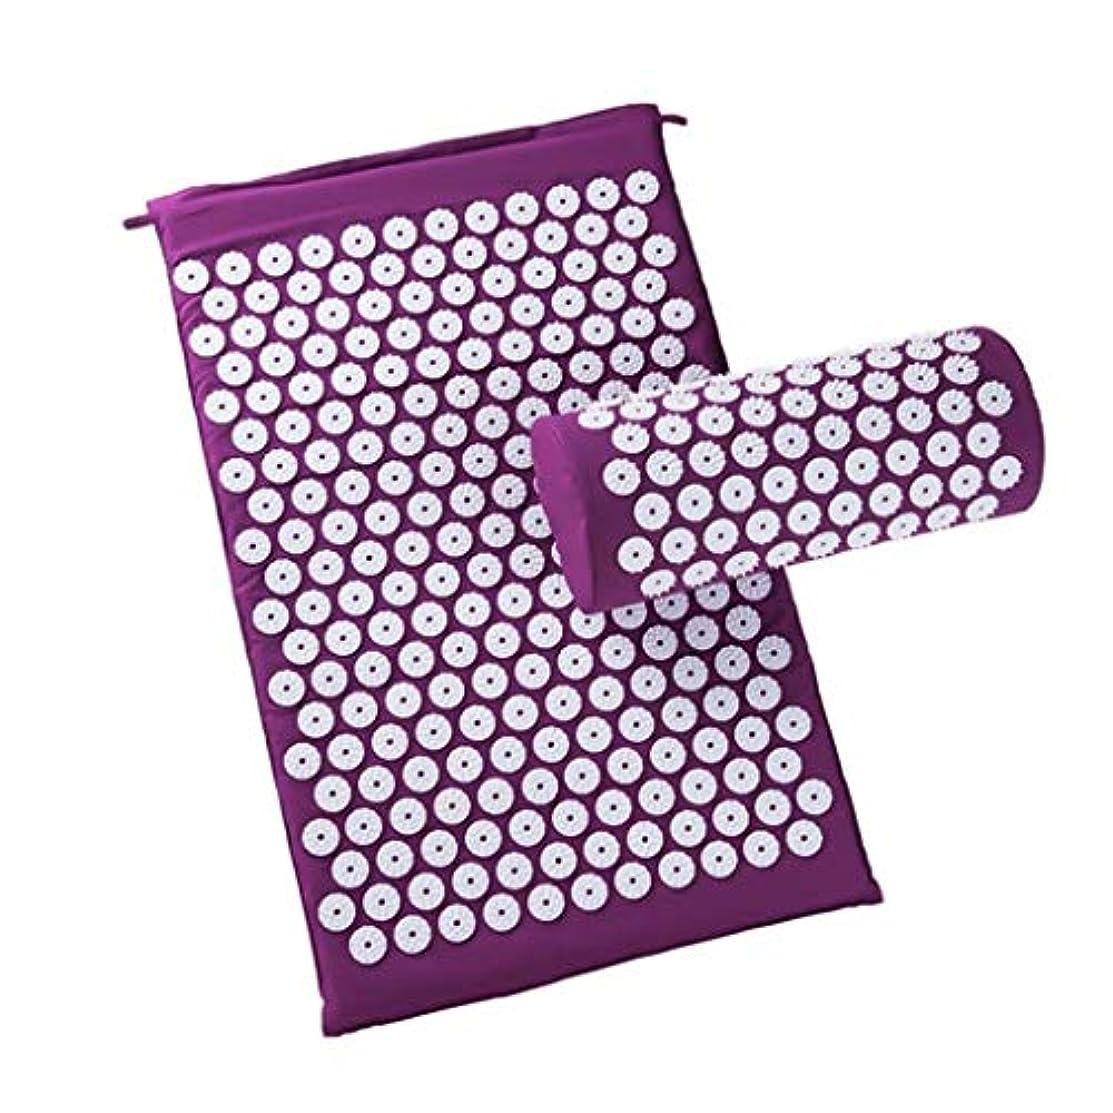 バスルームジャグリング調整可能マッサージャー、フィンガーパッド/枕カバー、背中、首、坐骨神経痛の痛み/圧力を和らげる、筋肉の弛緩 (Color : 紫の)